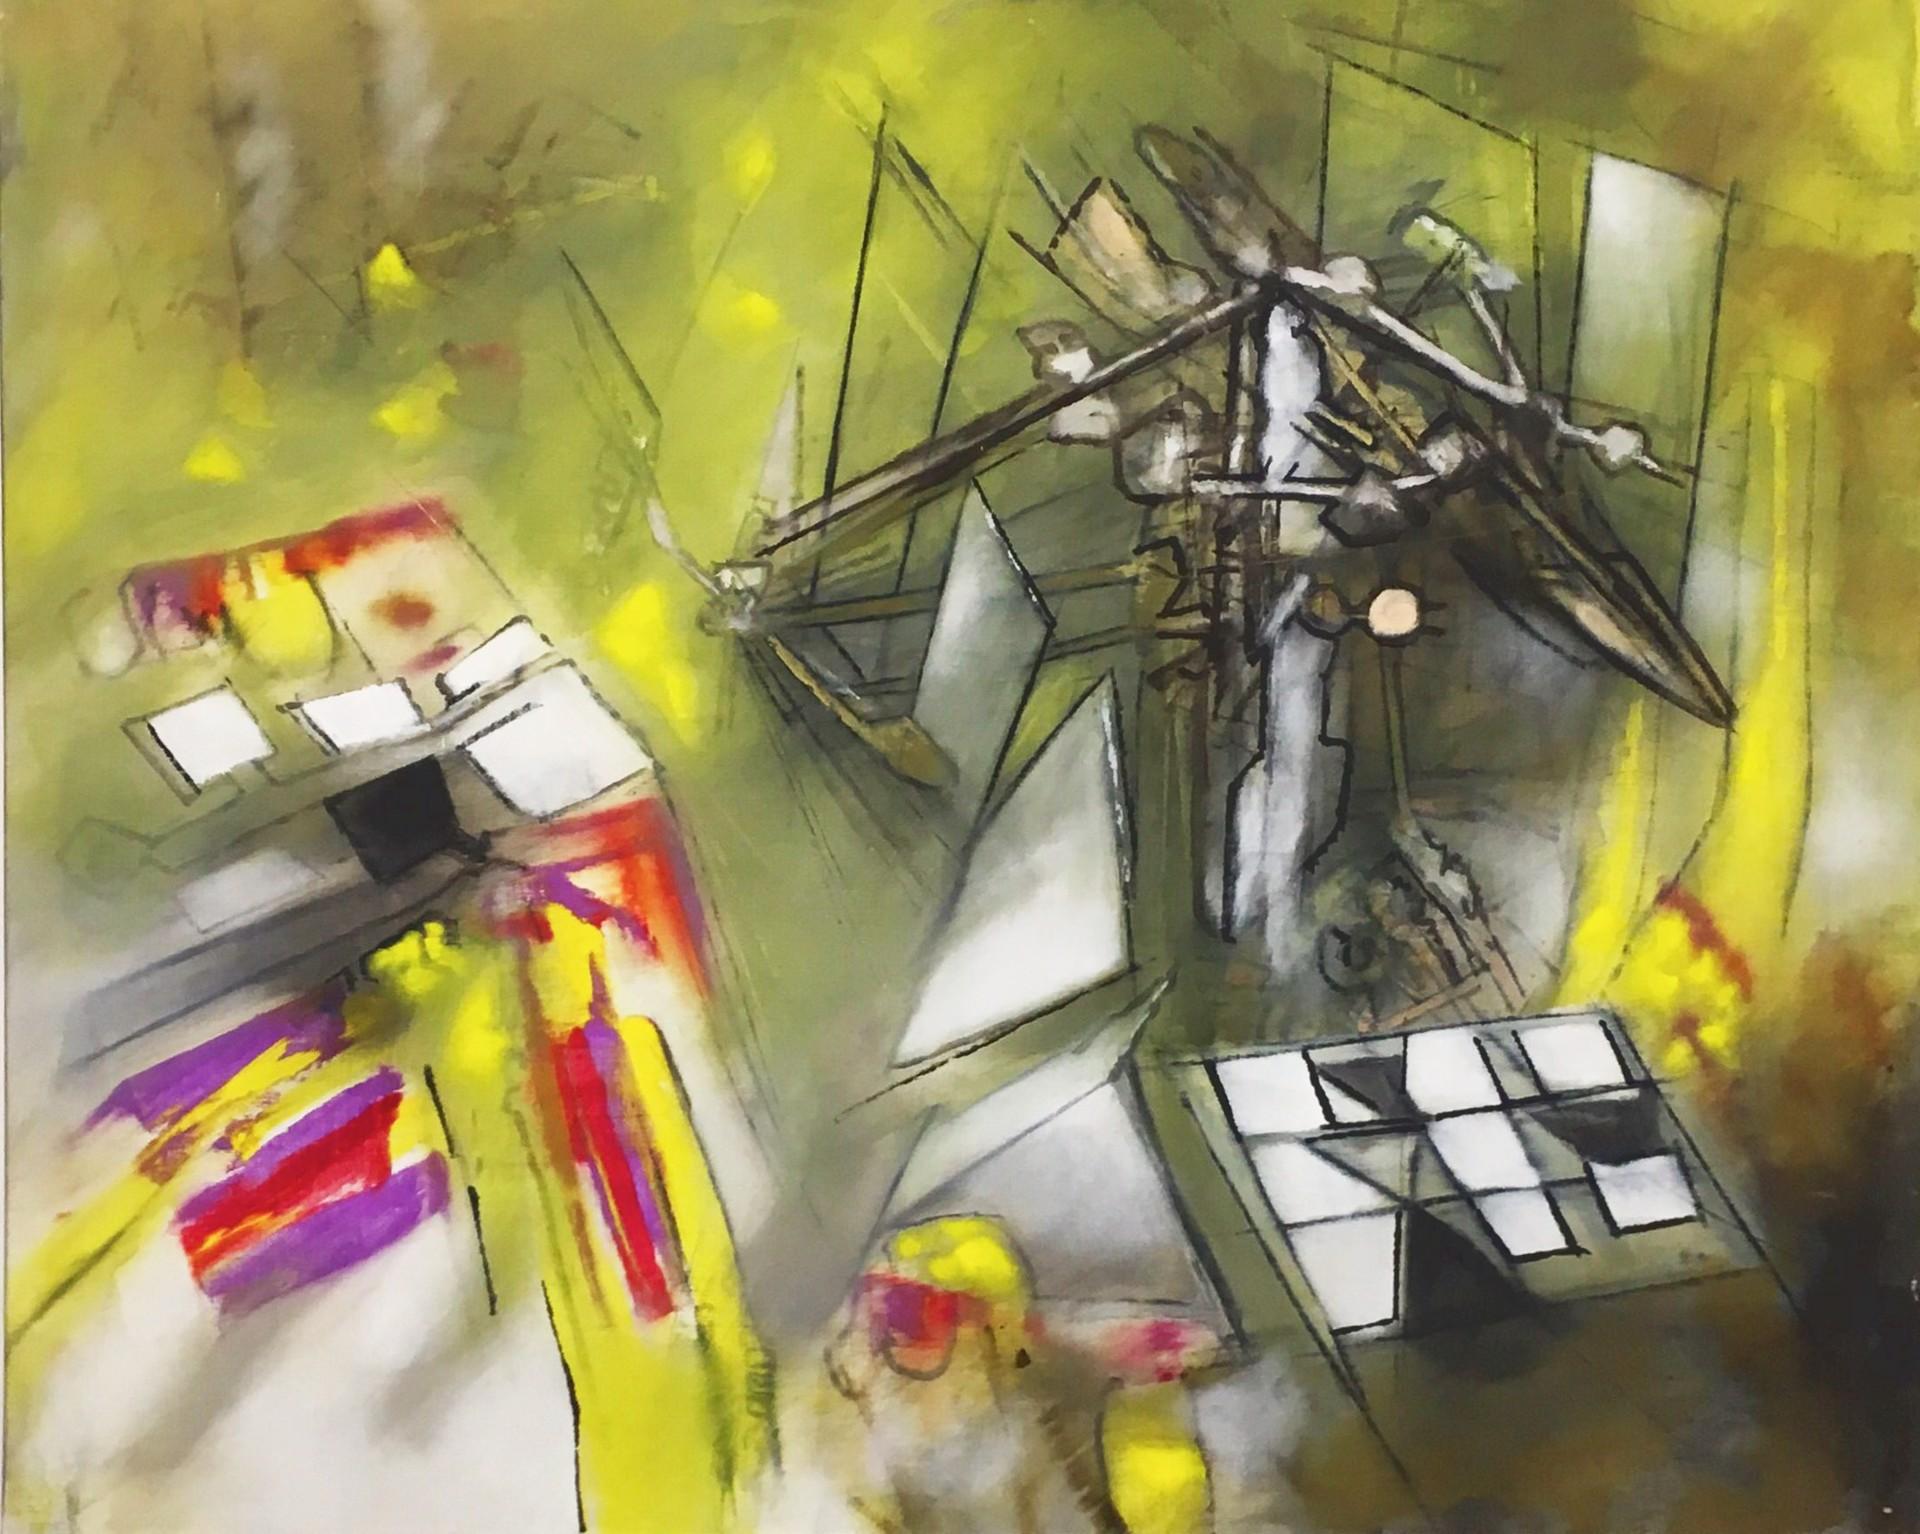 Jazz II by Roberto Matta (1911 - 2002)